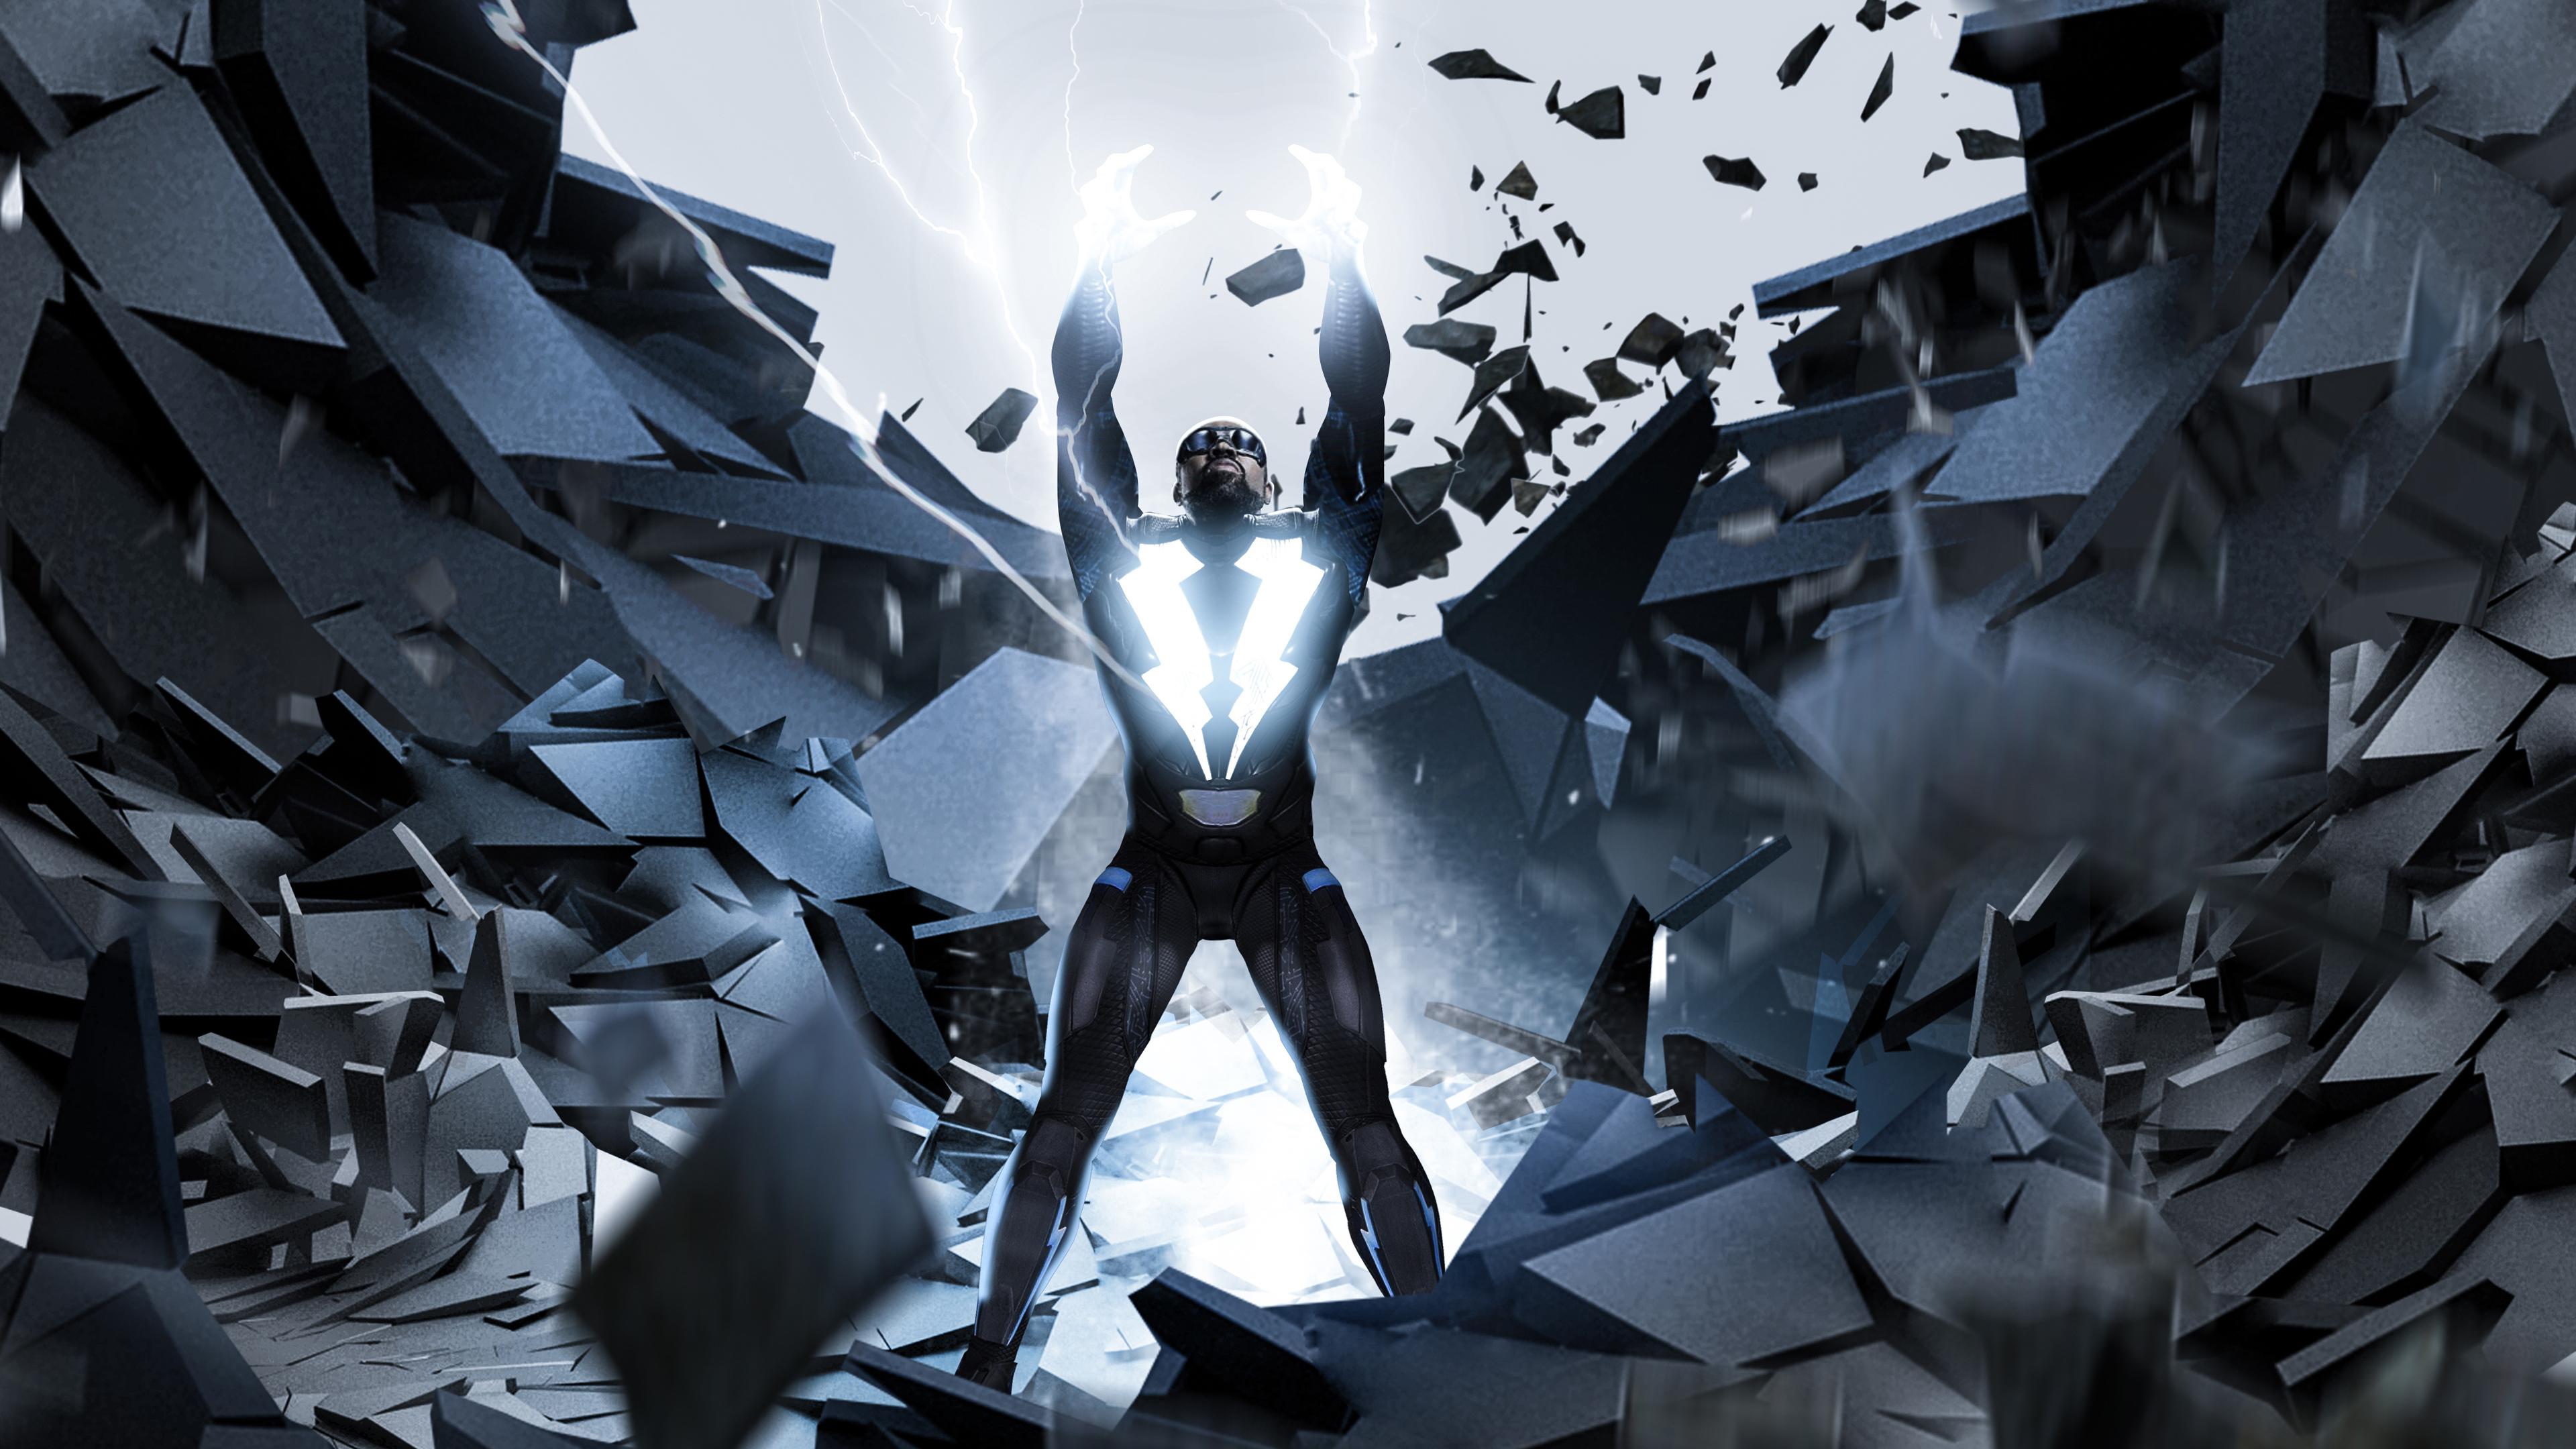 black bolt art 1570394307 - Black Bolt Art - superheroes wallpapers, hd-wallpapers, artwork wallpapers, artstation wallpapers, 4k-wallpapers